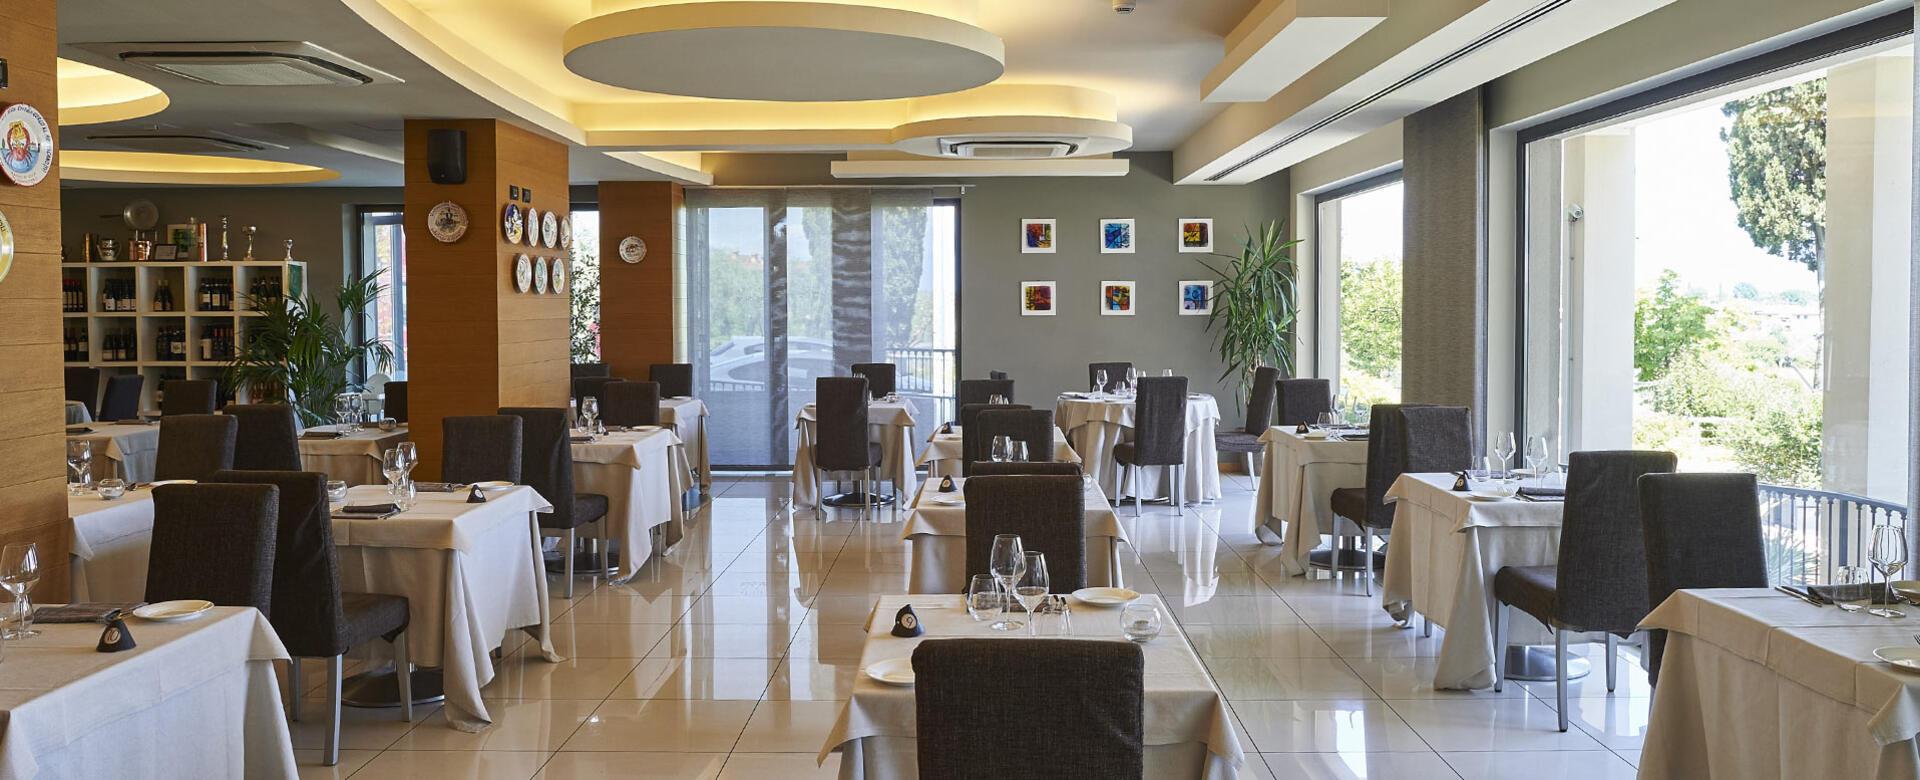 hotelvillaluisa de gastronomie 004